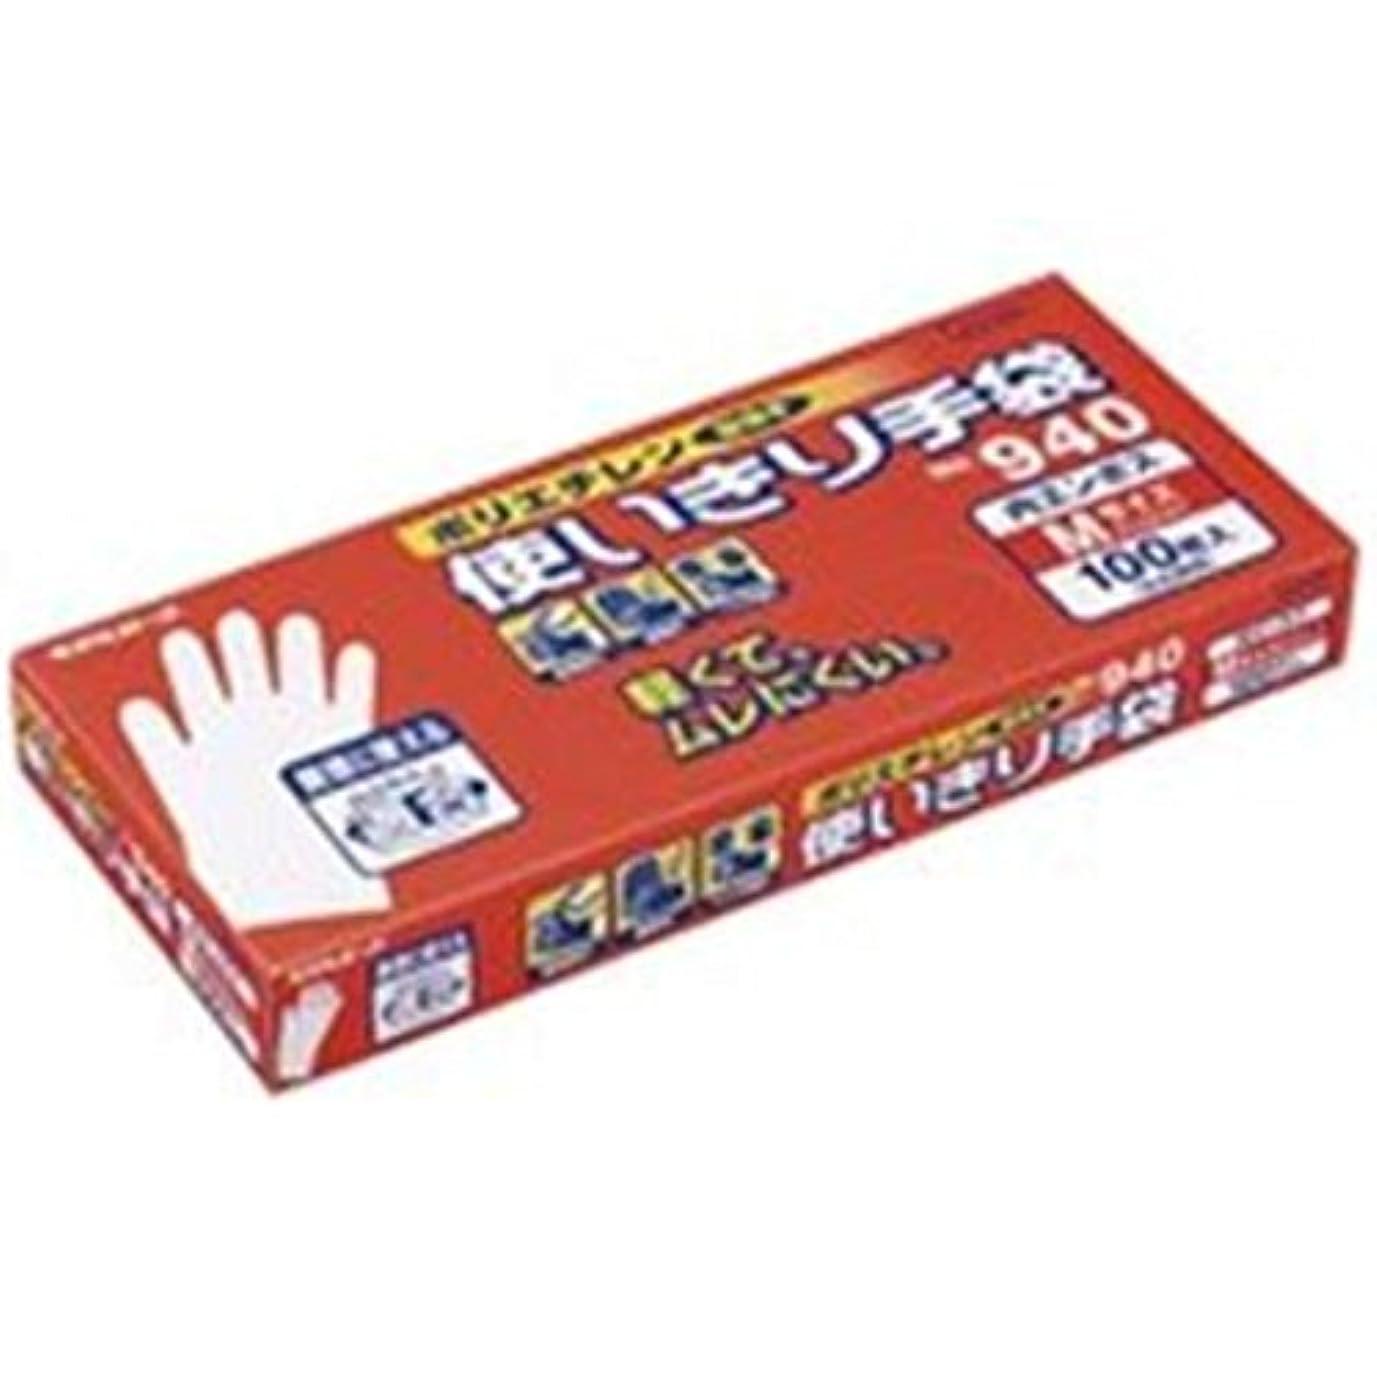 実質的につぶやき責めるエステー ポリエンボス使い切り手袋 No.940 M 24箱